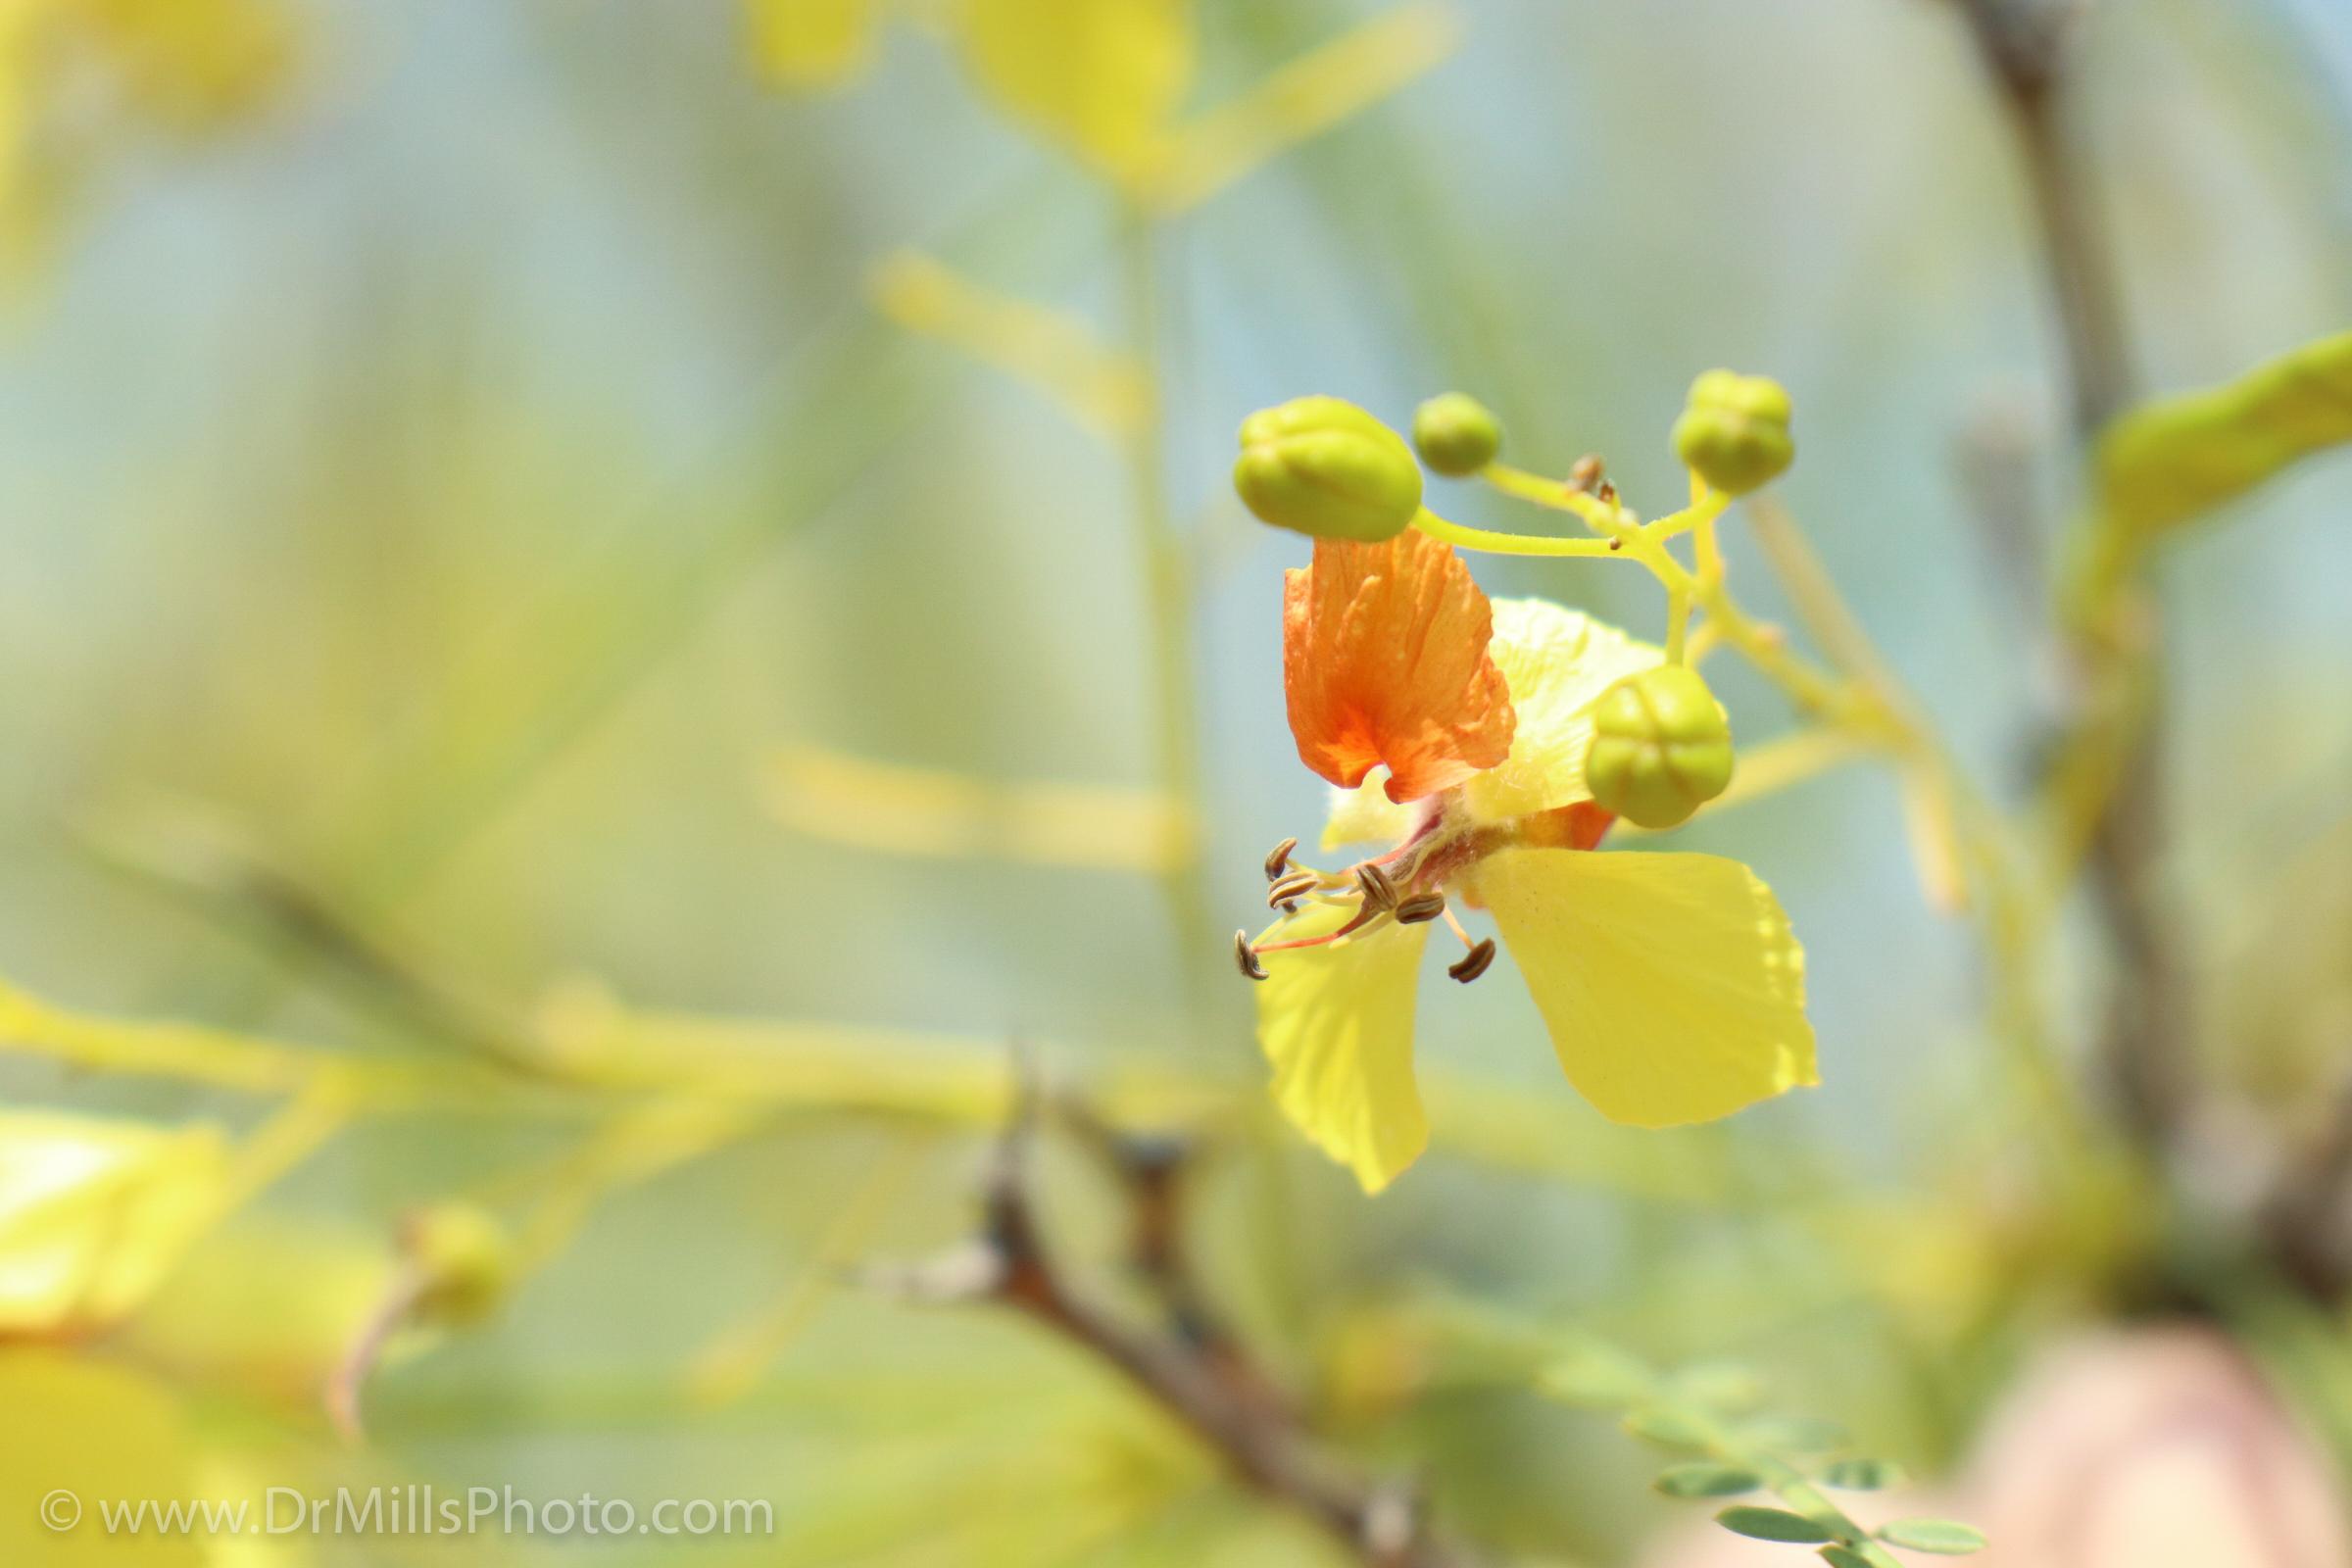 Flower - MtHelix - YellowAndOrange - Macro - 2017 - WthWatermark - 72ppi.jpg